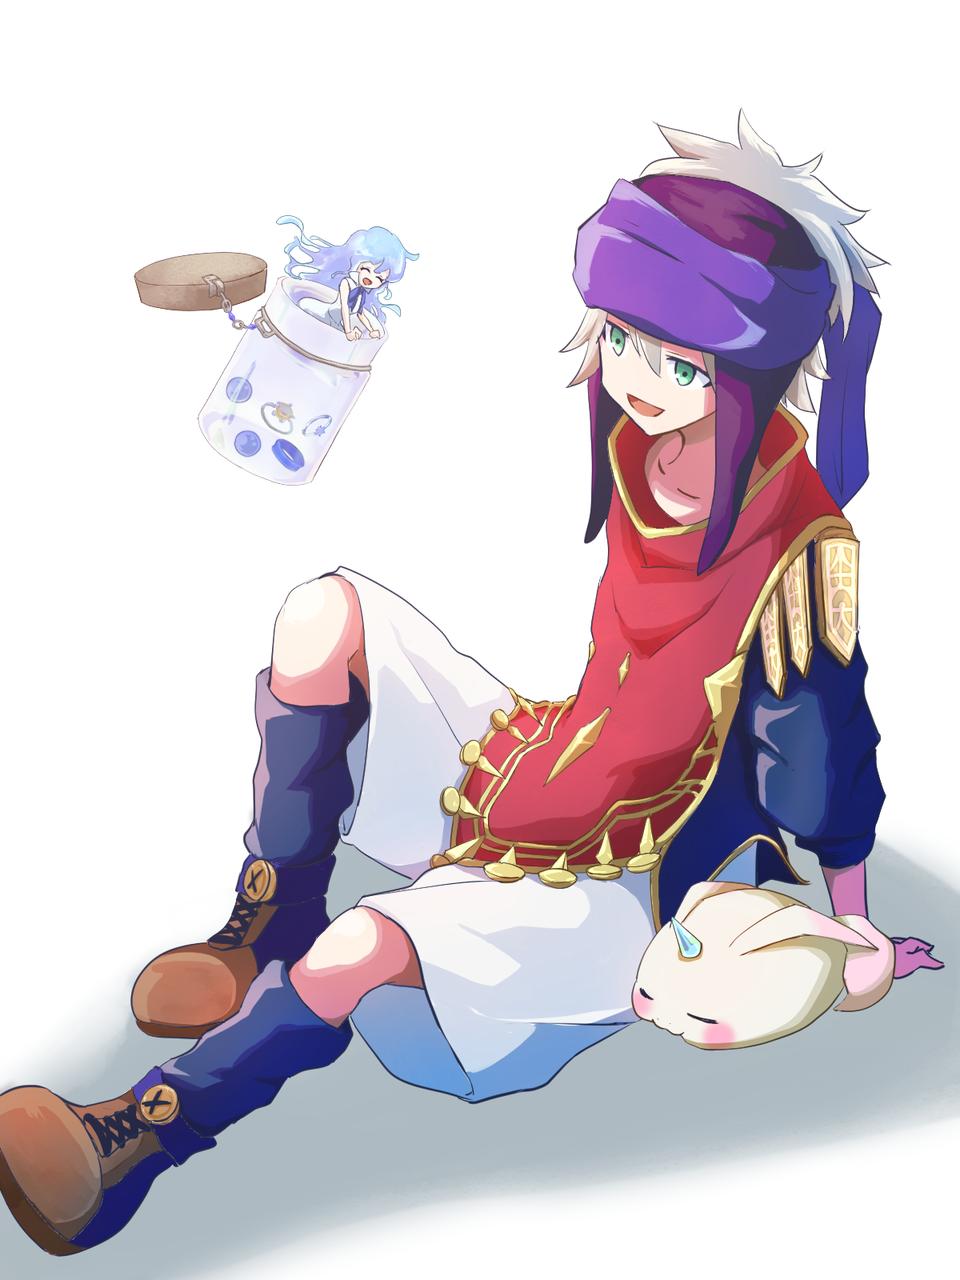 日常 Illust of 水月ルゼ medibangpaint fanfic メルスト boy girl メルクストーリア